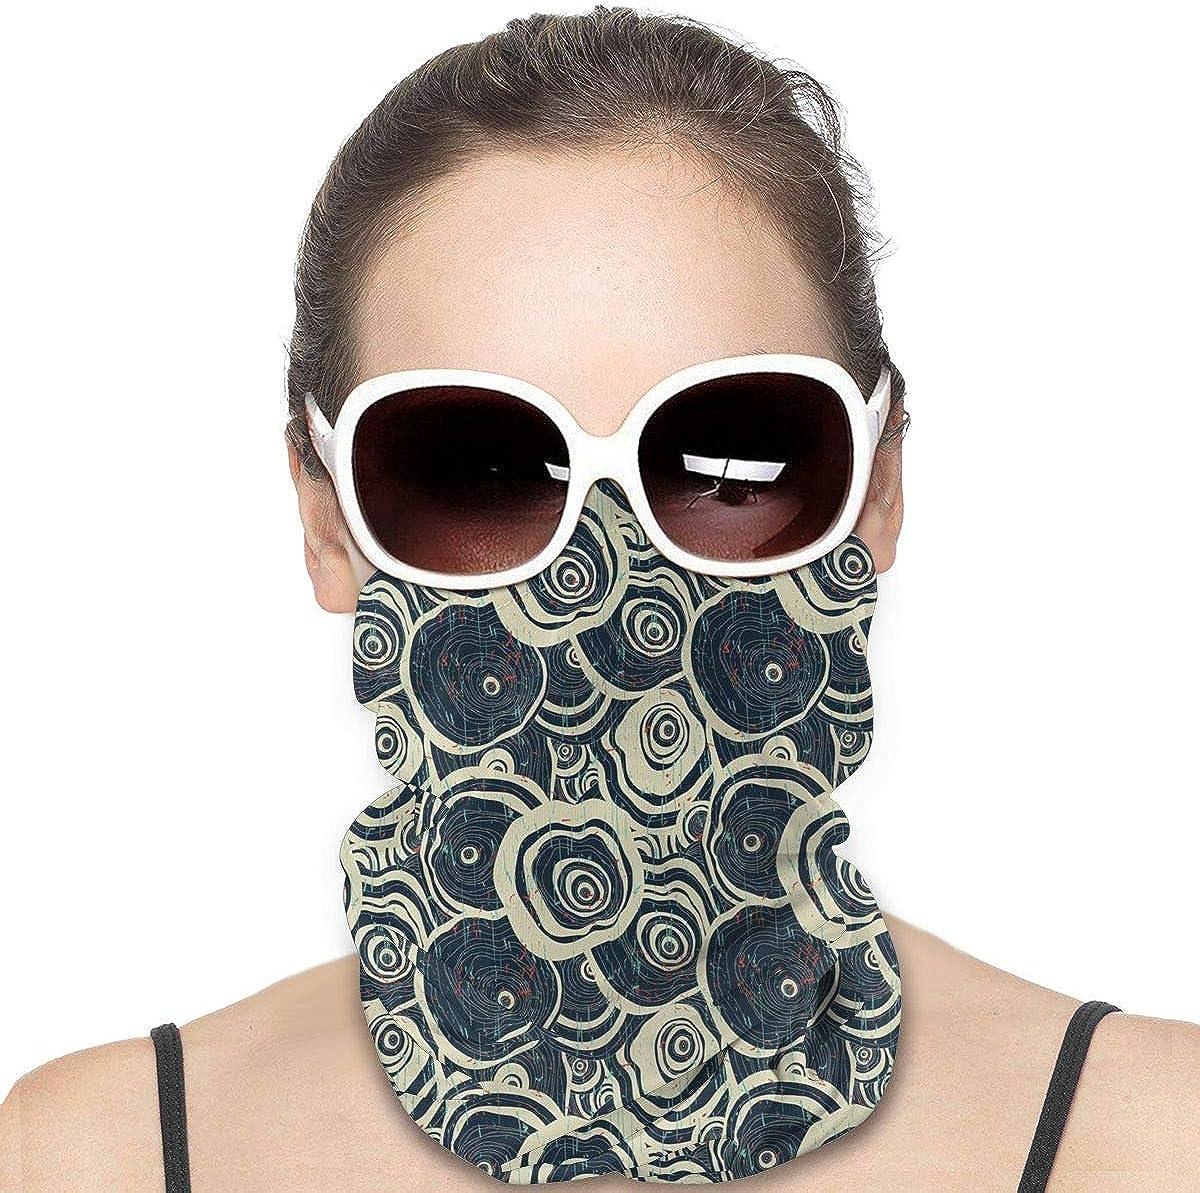 JinSPef Neck Gaiters for Men - Skull Octopus Head Kraken Bandana Face Mask Neck Gaiter Neck Gaiter Head Bands Face Cover Headscarf Sun Mask